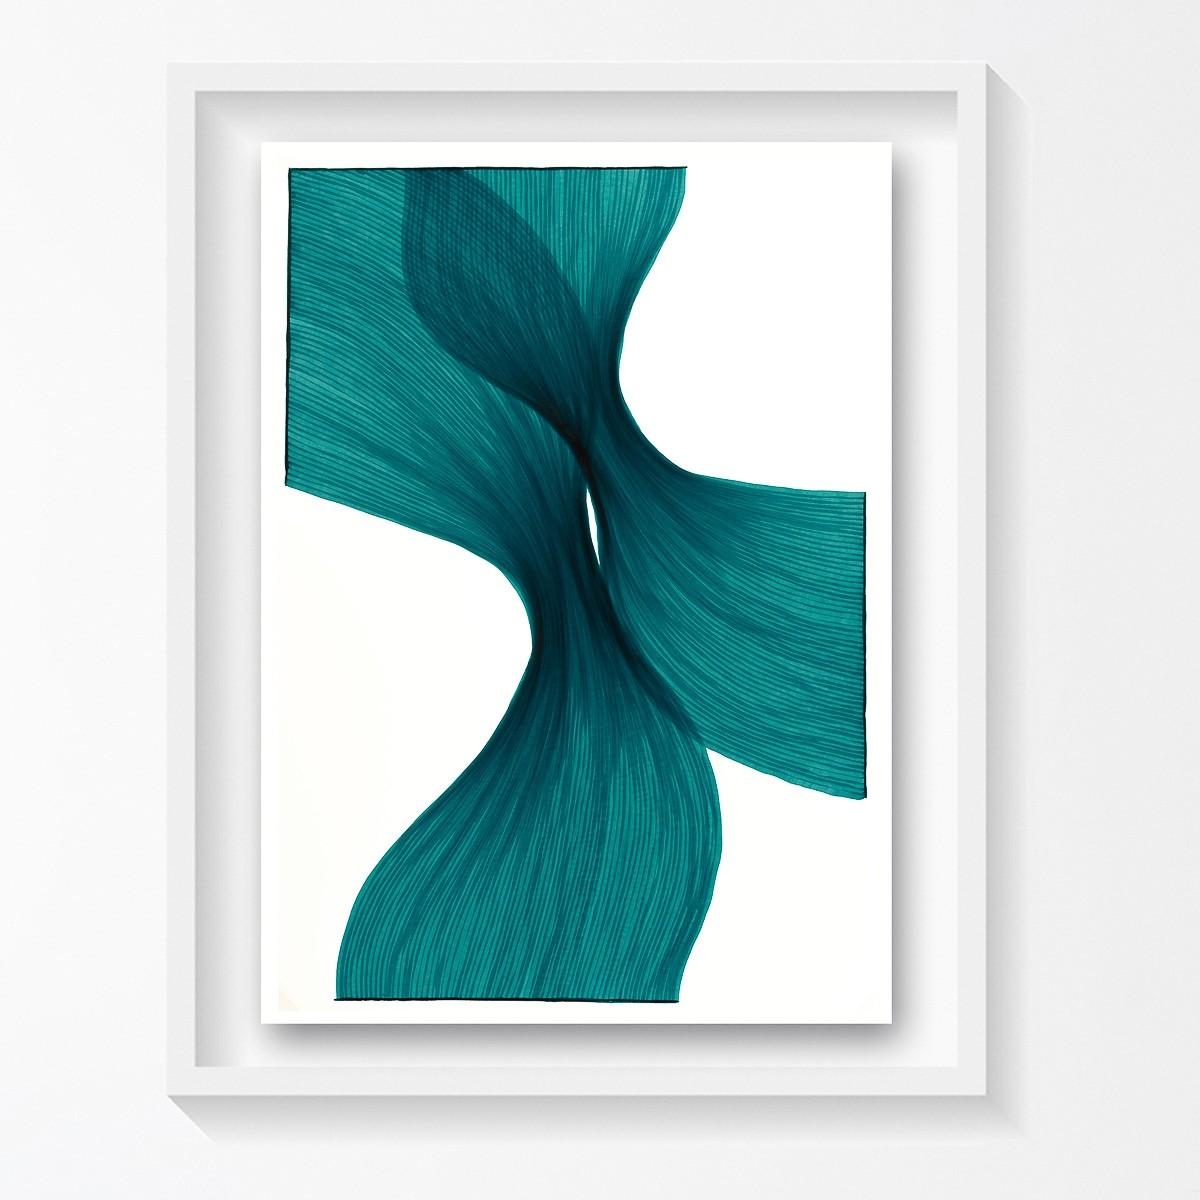 Aqua Sheer Folds | Lali Torma | Zeichnung | Kalligraphietusche auf Papier, gerahmt